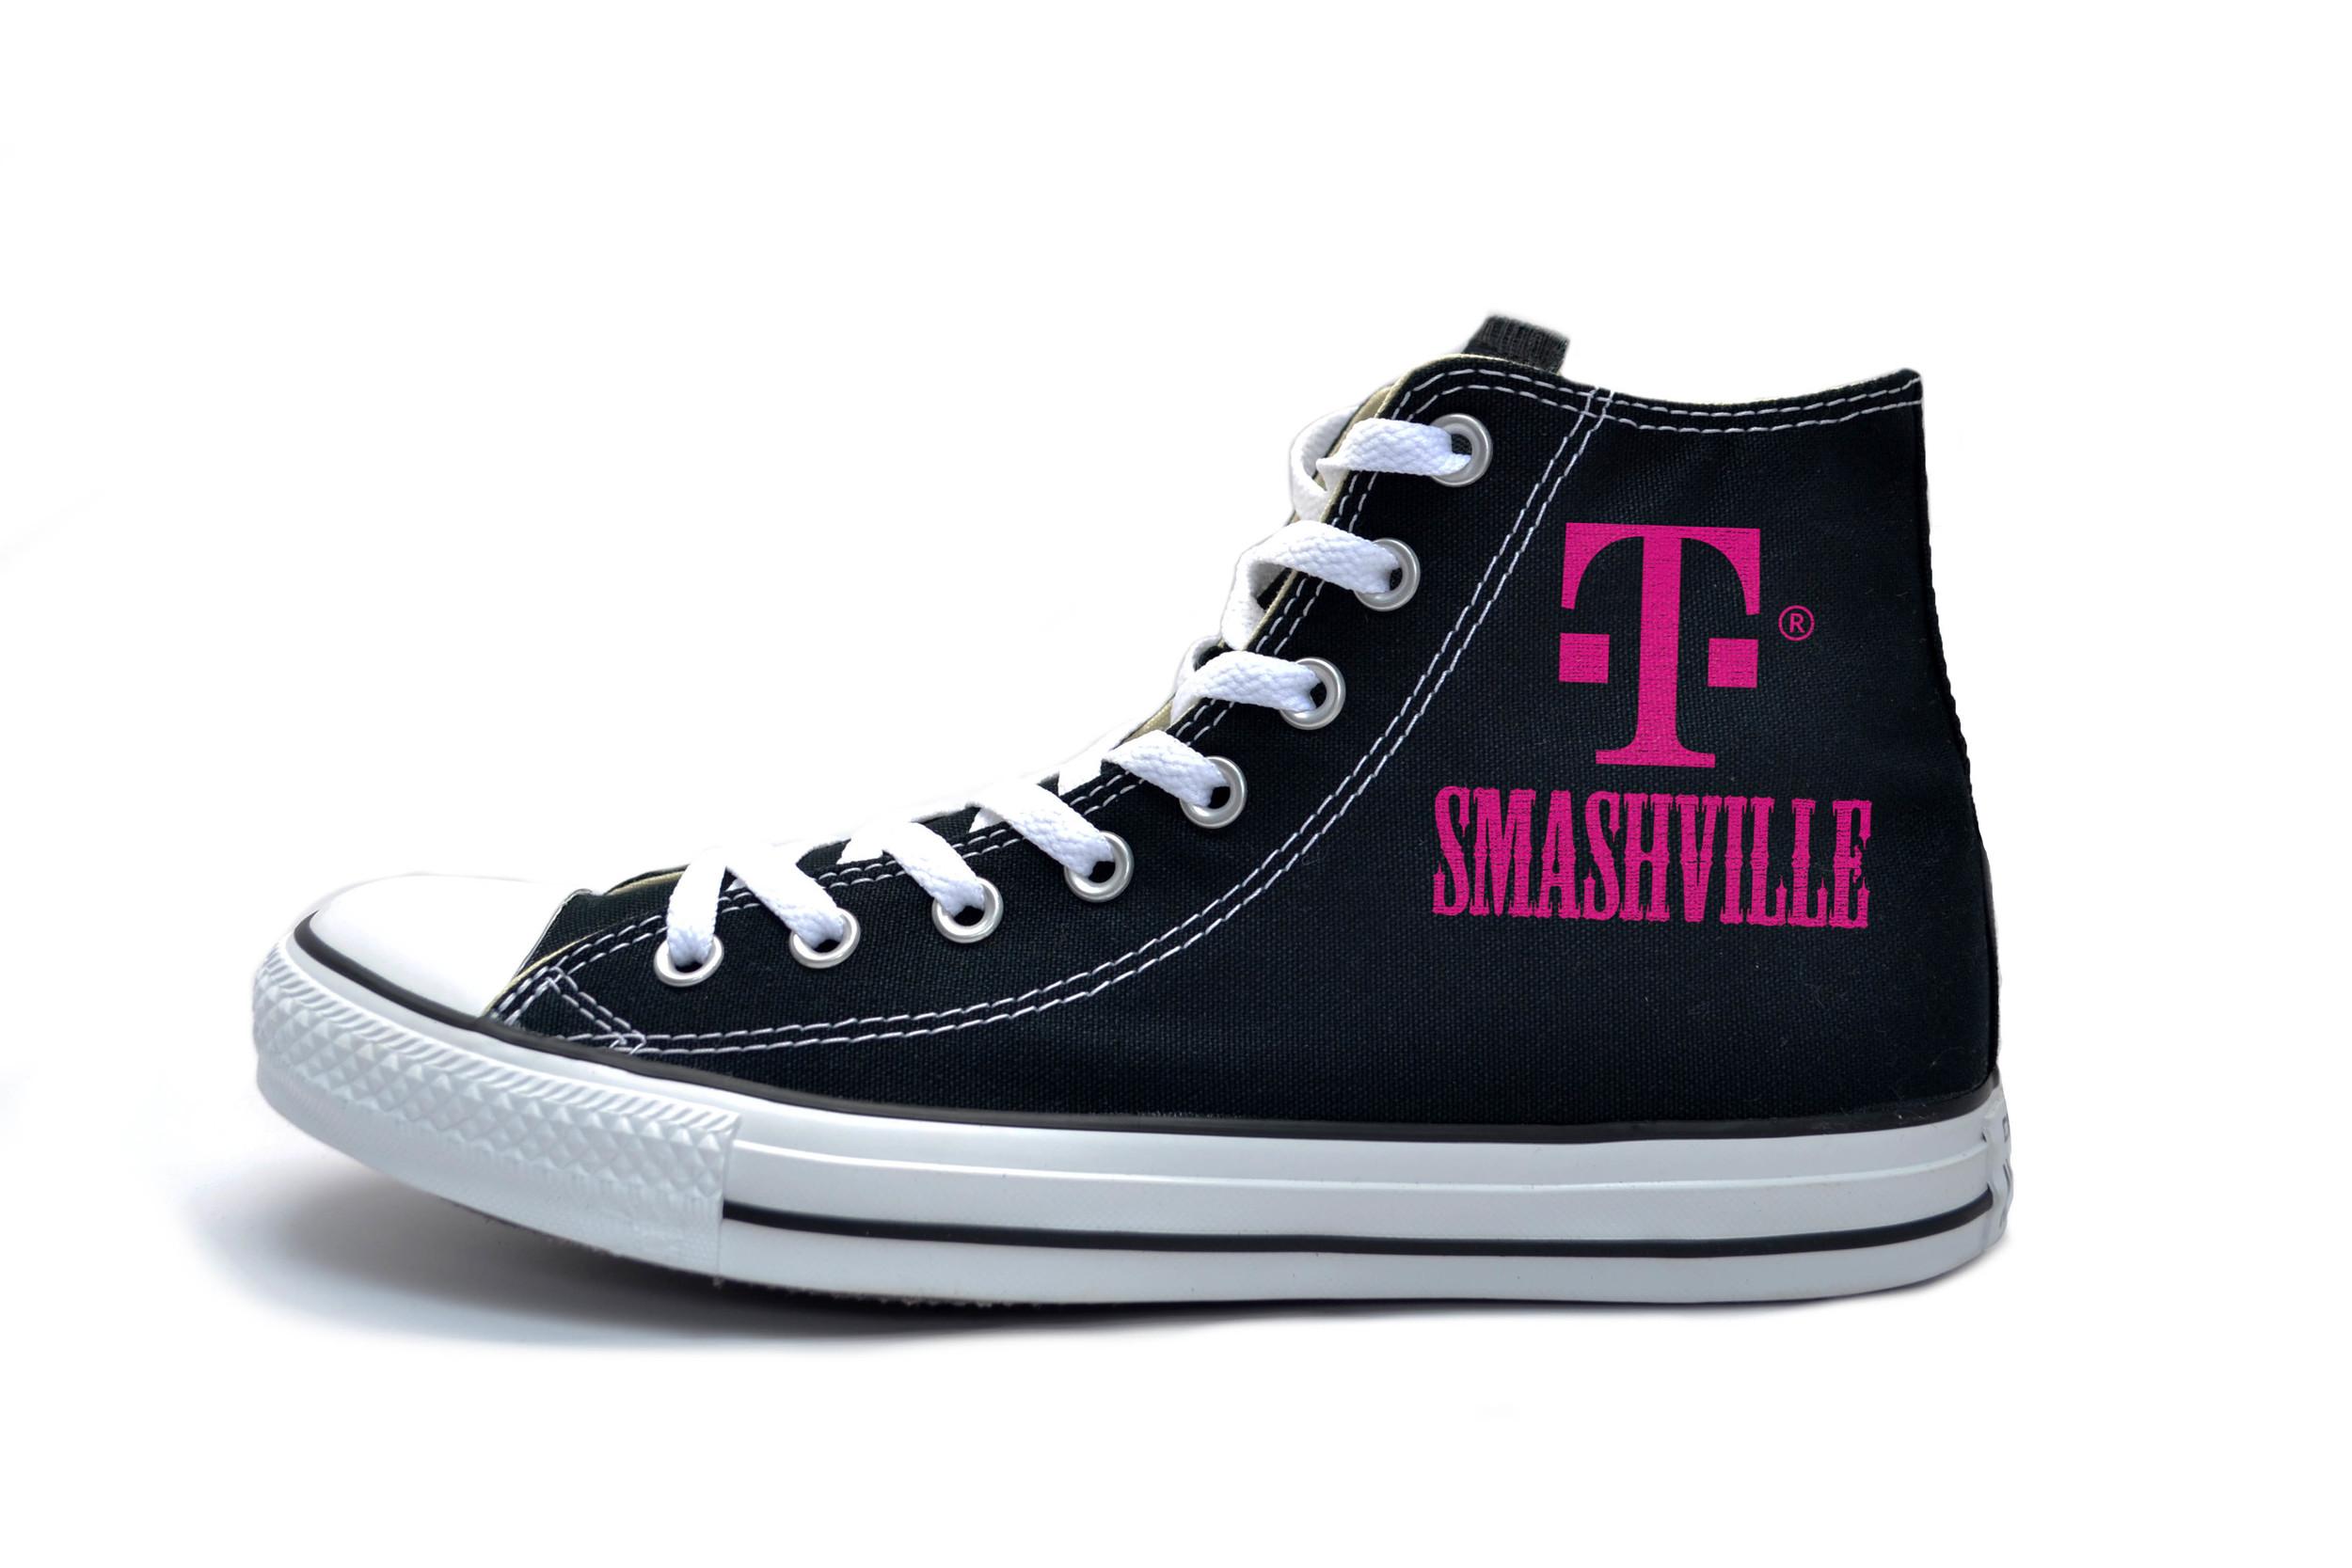 T-Mobile-Smashville-10.5-Proof (1).jpg